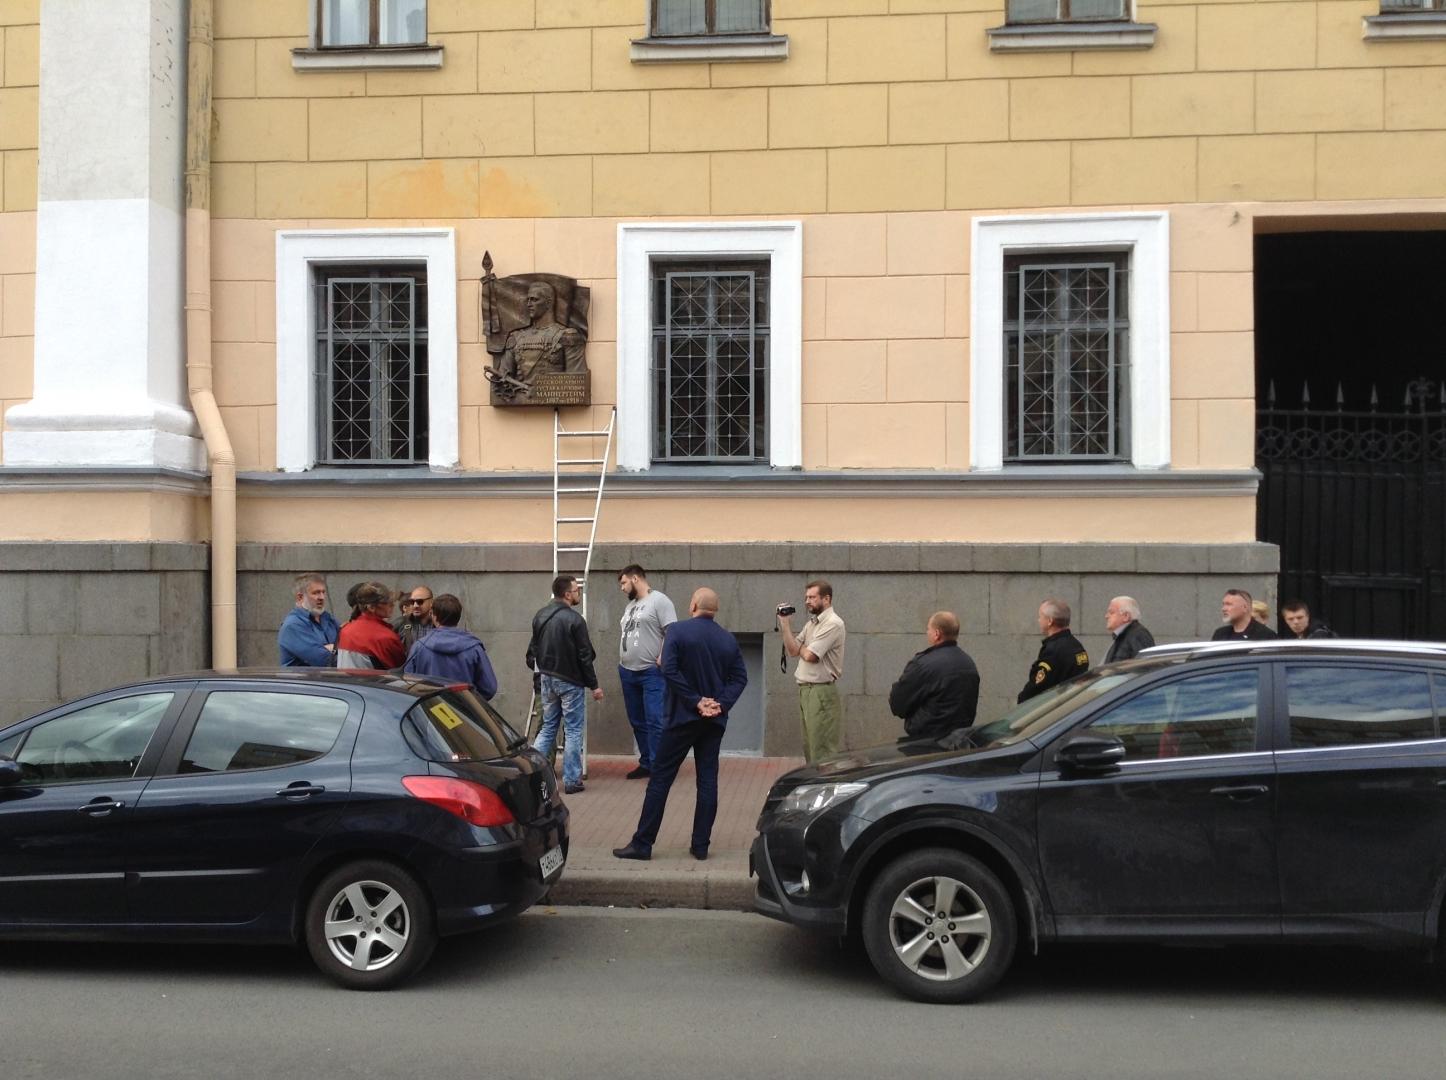 В присутствии полиции пикет прошел без серьезных инцидентов